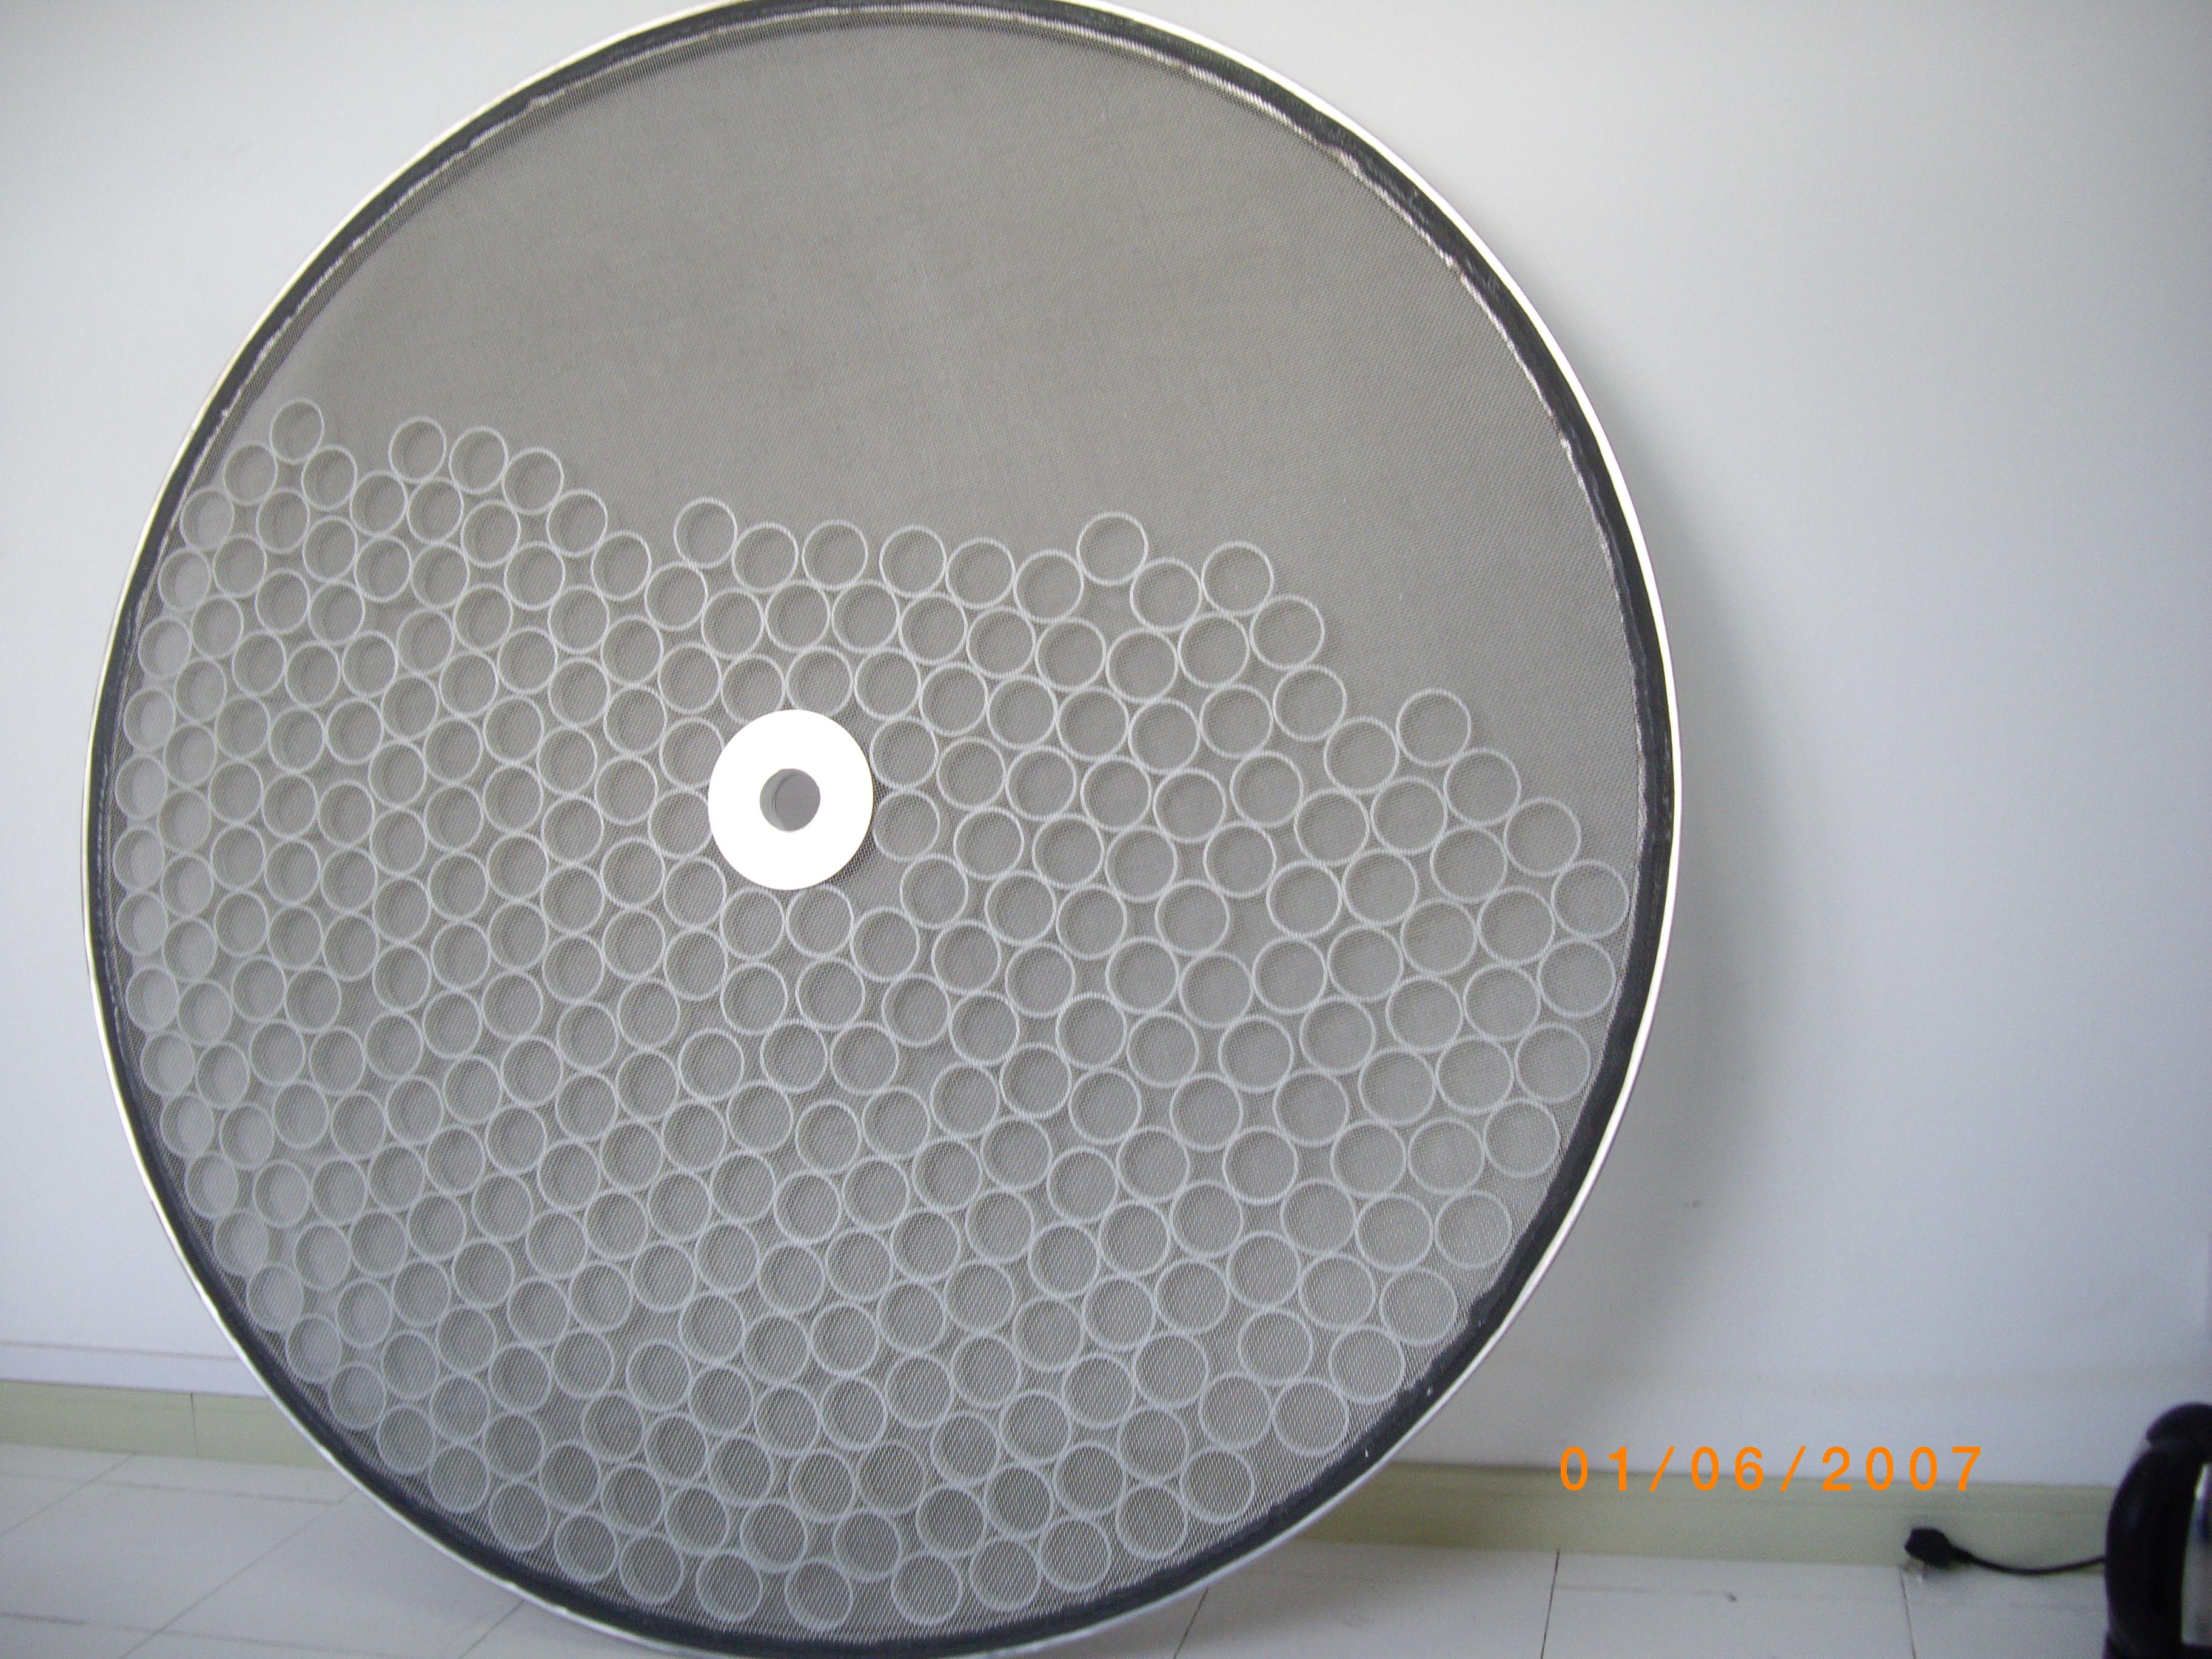 杭州进口超声波实验筛配件产品报价杭州进口超声波实验筛配件产品厂商